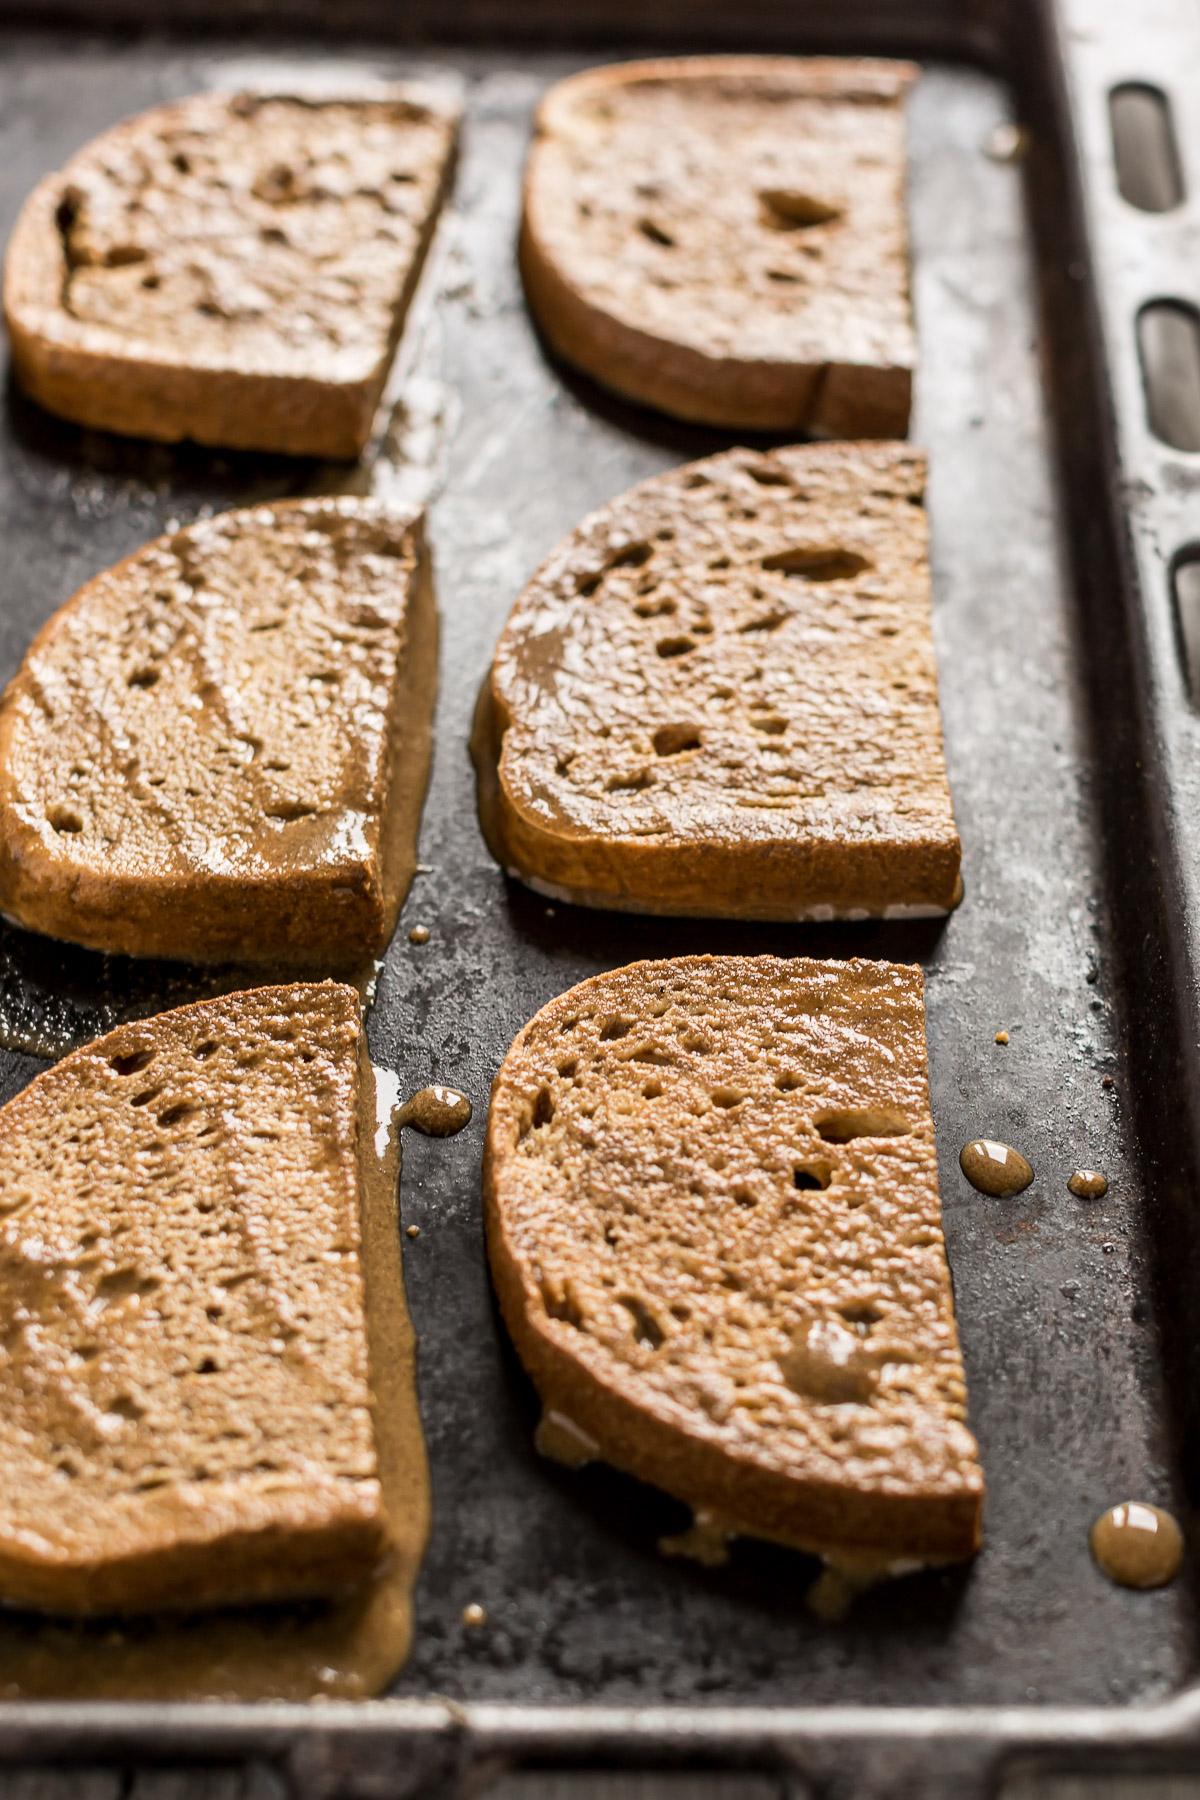 come-preparare-french-toast-vegano-alla-cannella-senza-glutine-vegan-cinnamon-french-toast-1